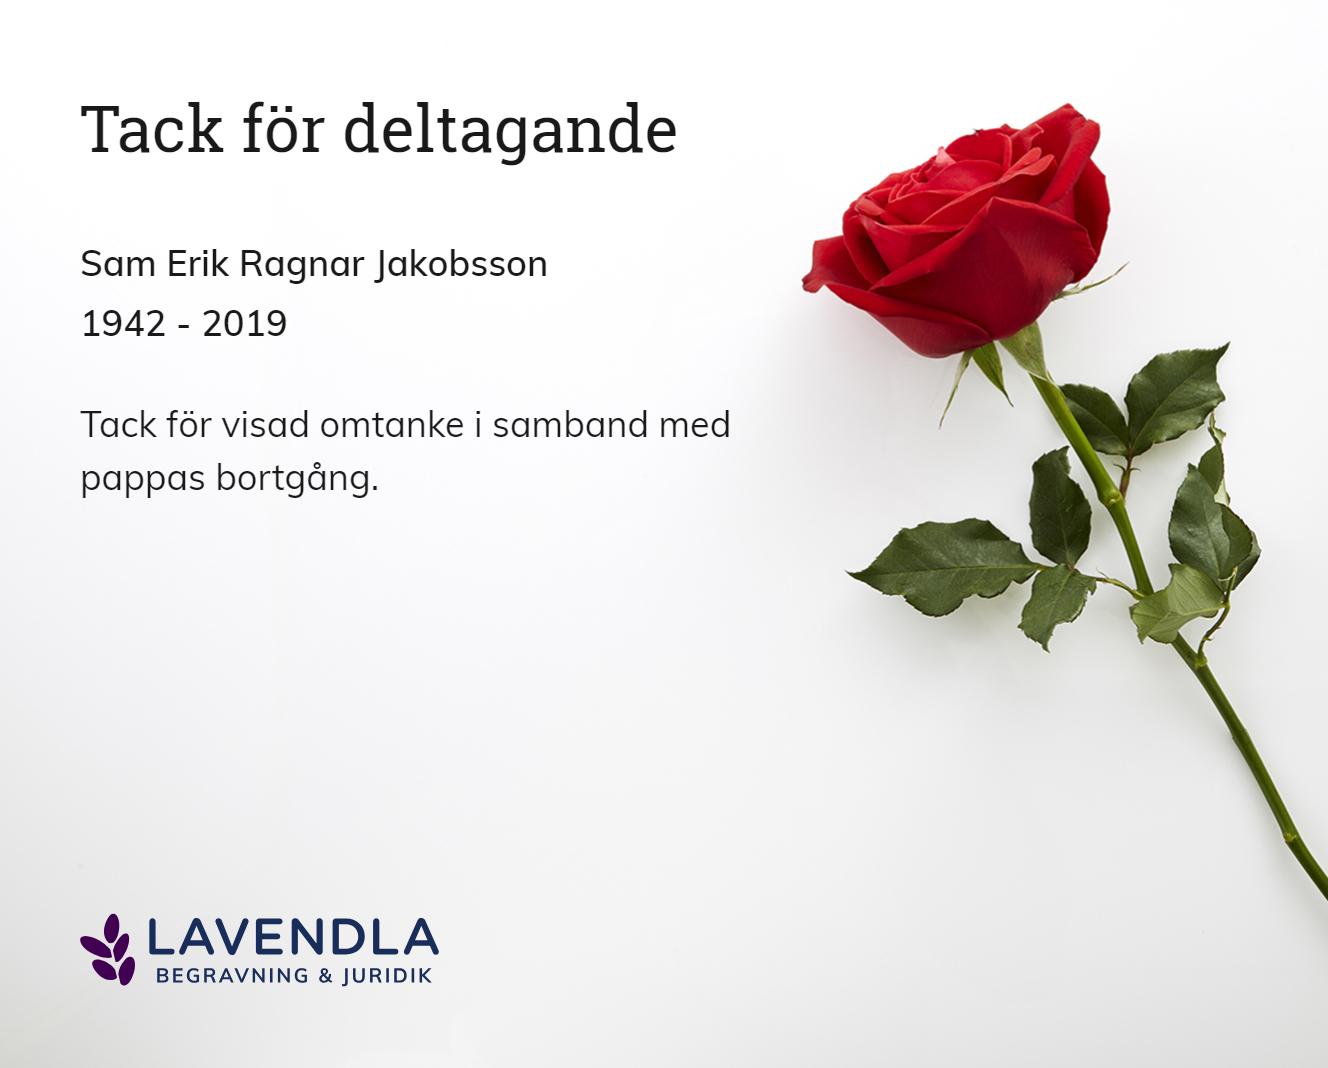 Inbjudningskort till ceremonin för Sam Erik Ragnar Jakobsson